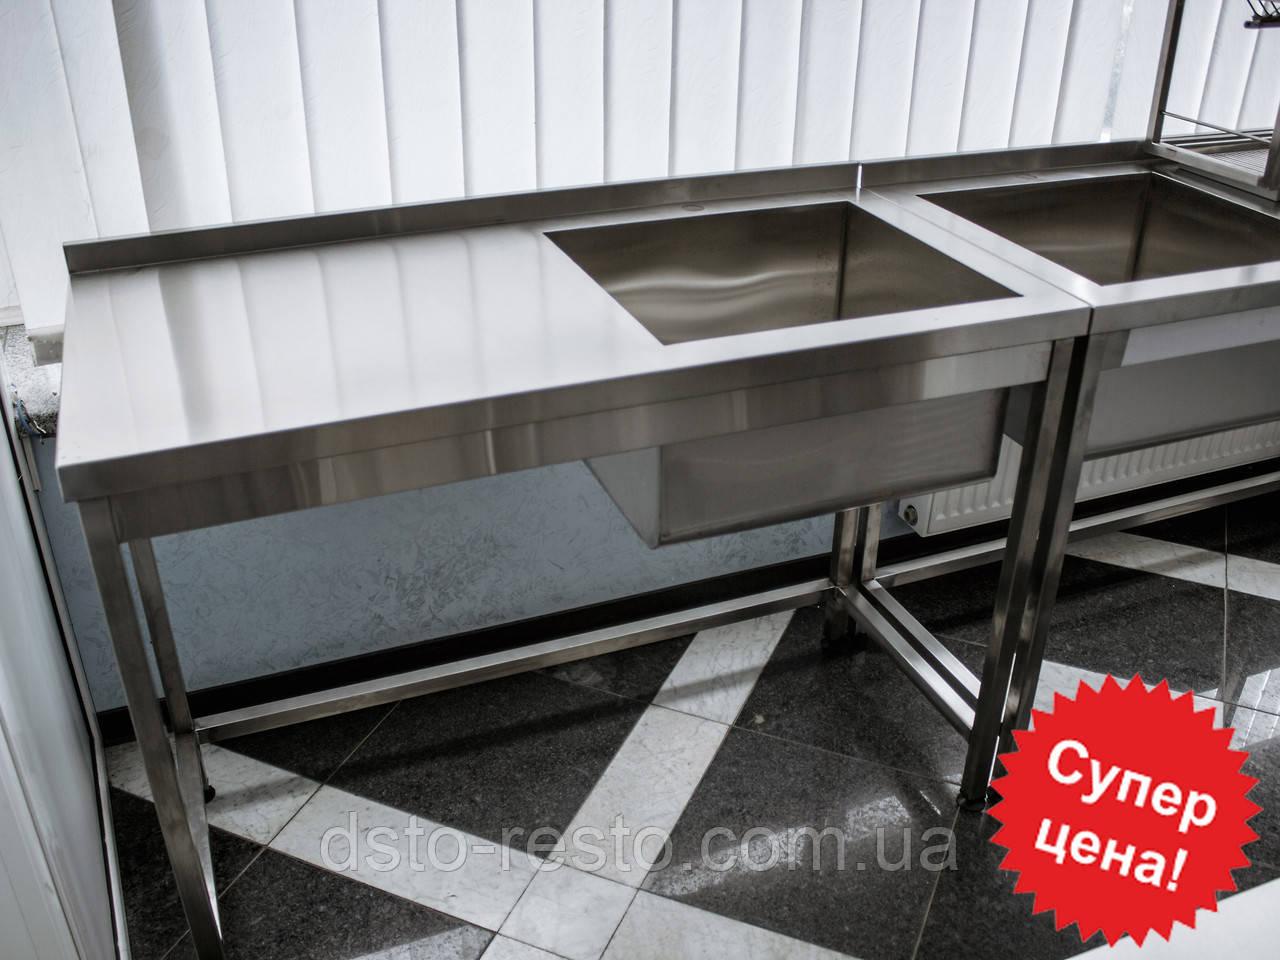 Ванна моечная со столом 1000/500/850 мм